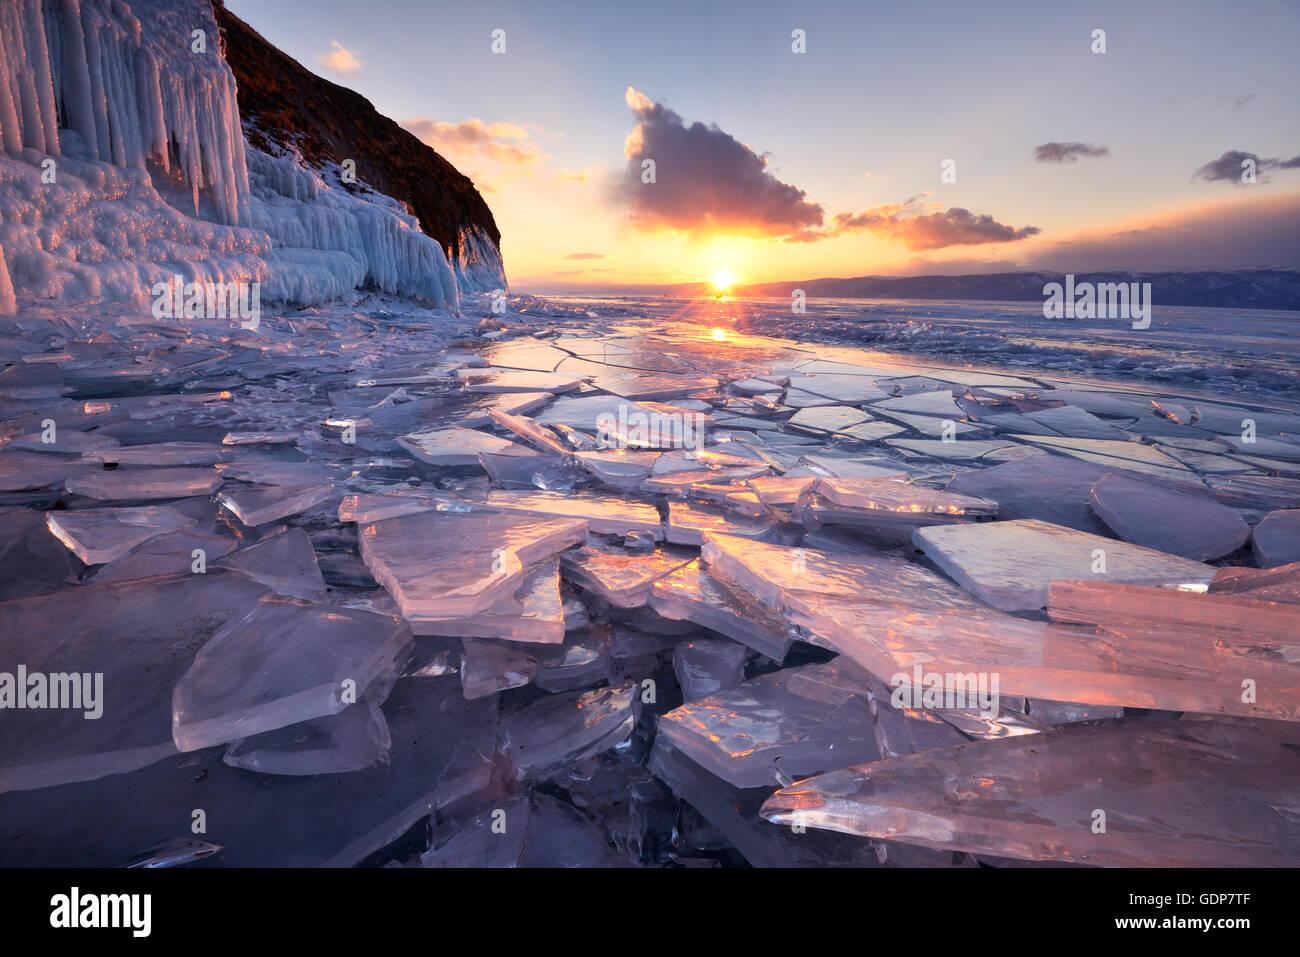 La glace brisée au coucher du soleil, le lac Baïkal, l'île Olkhon, Sibérie, Russie Photo Stock